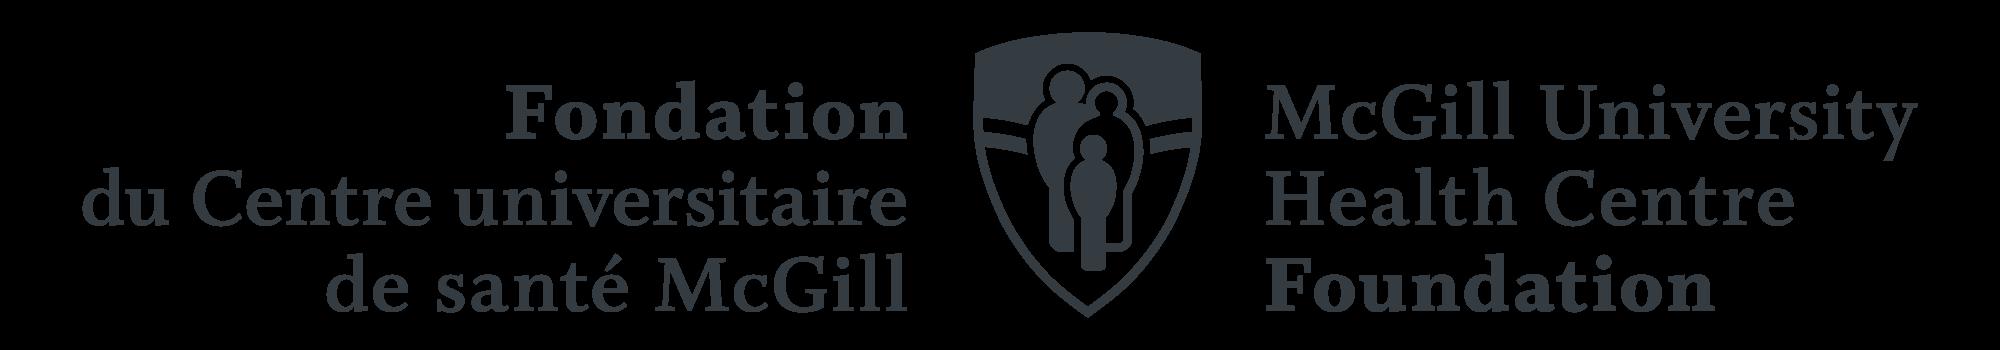 Logo: Fondation CUSM